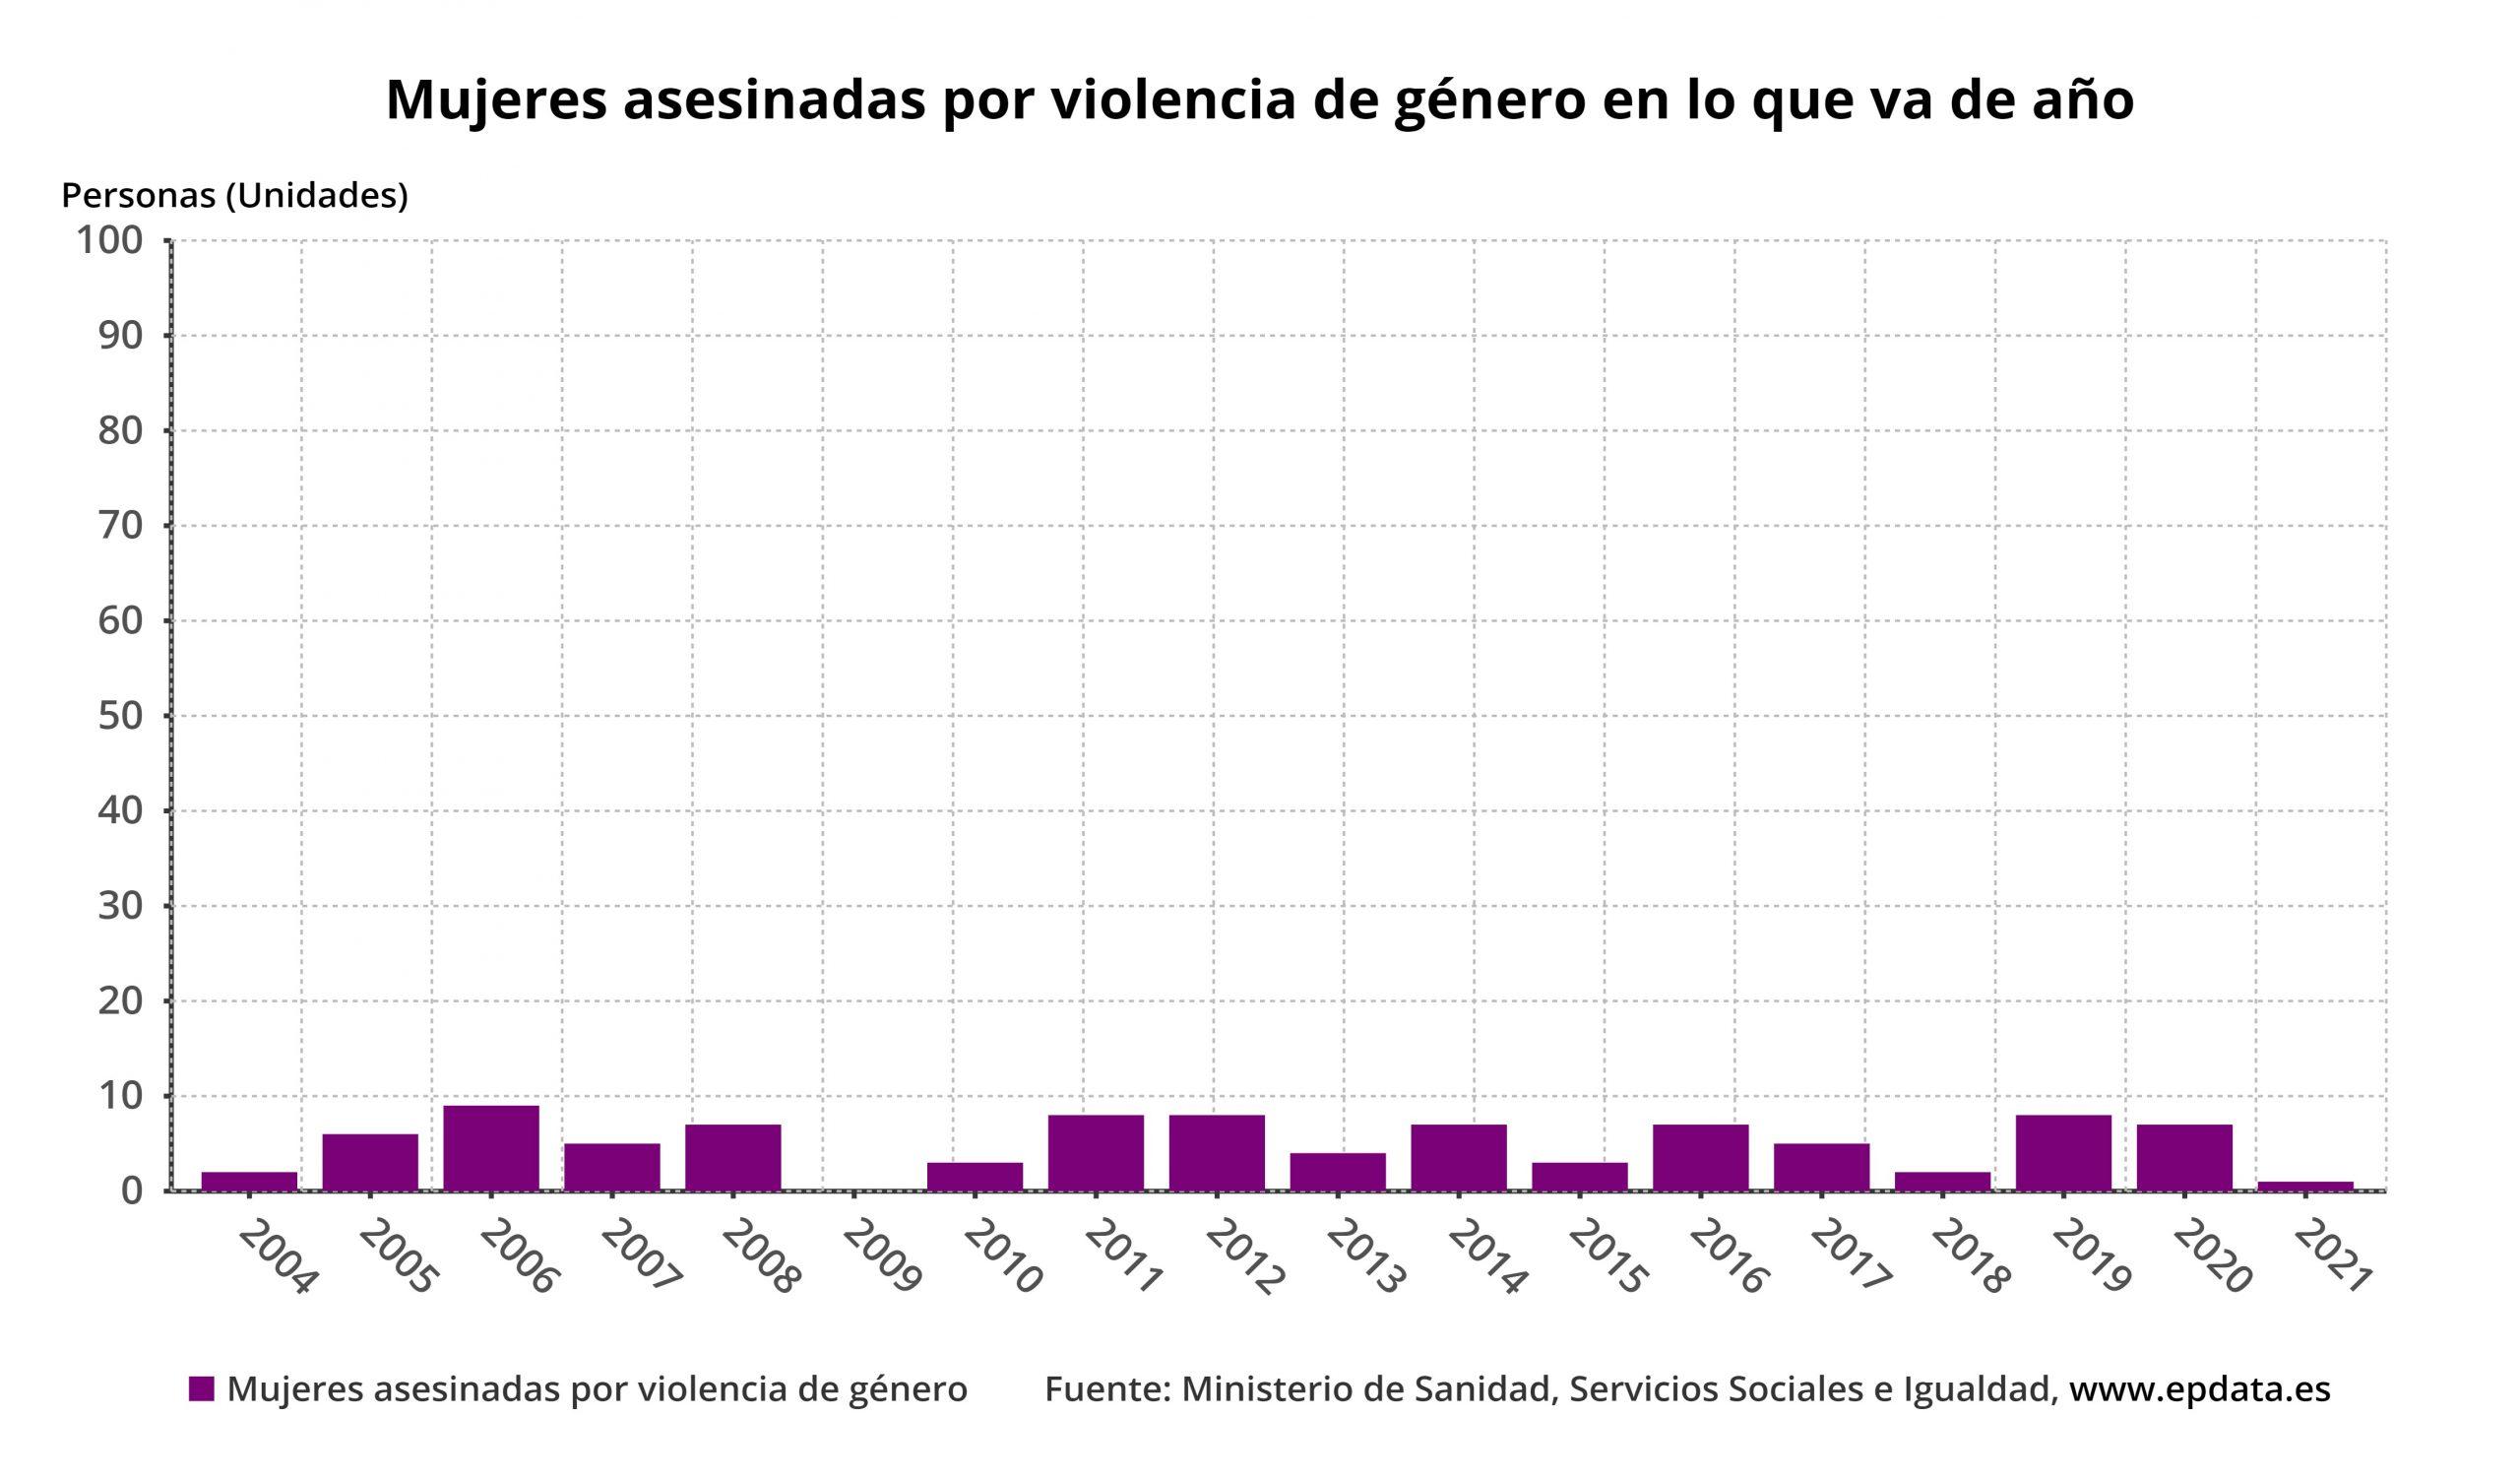 mujeres asesinadas por violencia de género